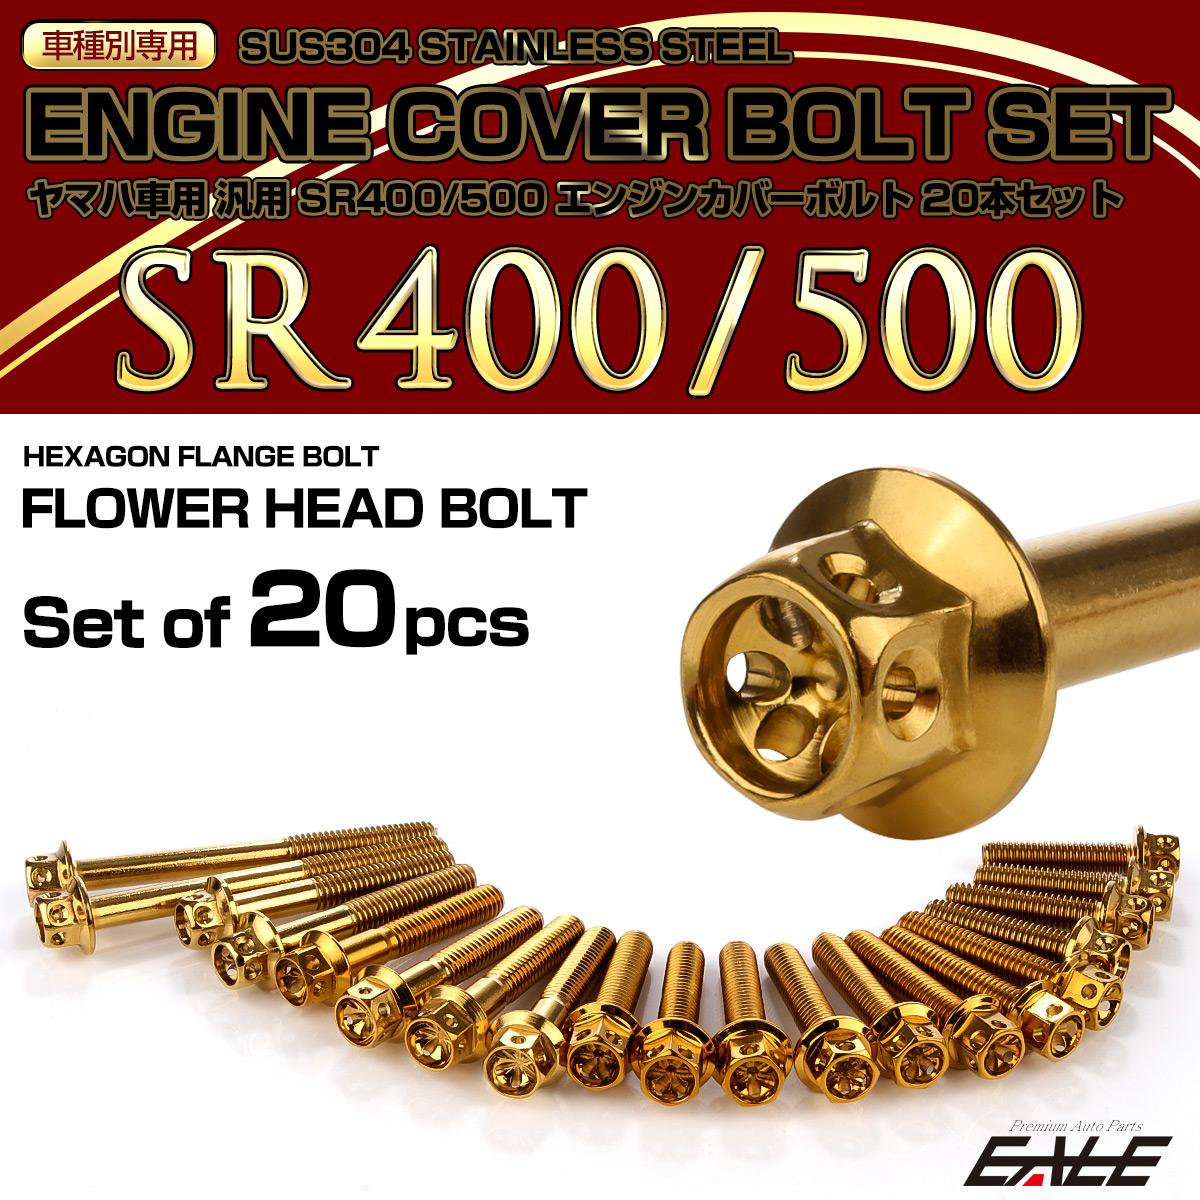 SR400 SR500 エンジンカバーボルト 20本セット ヤマハ車用 フラワーヘッド ゴールド TB7105